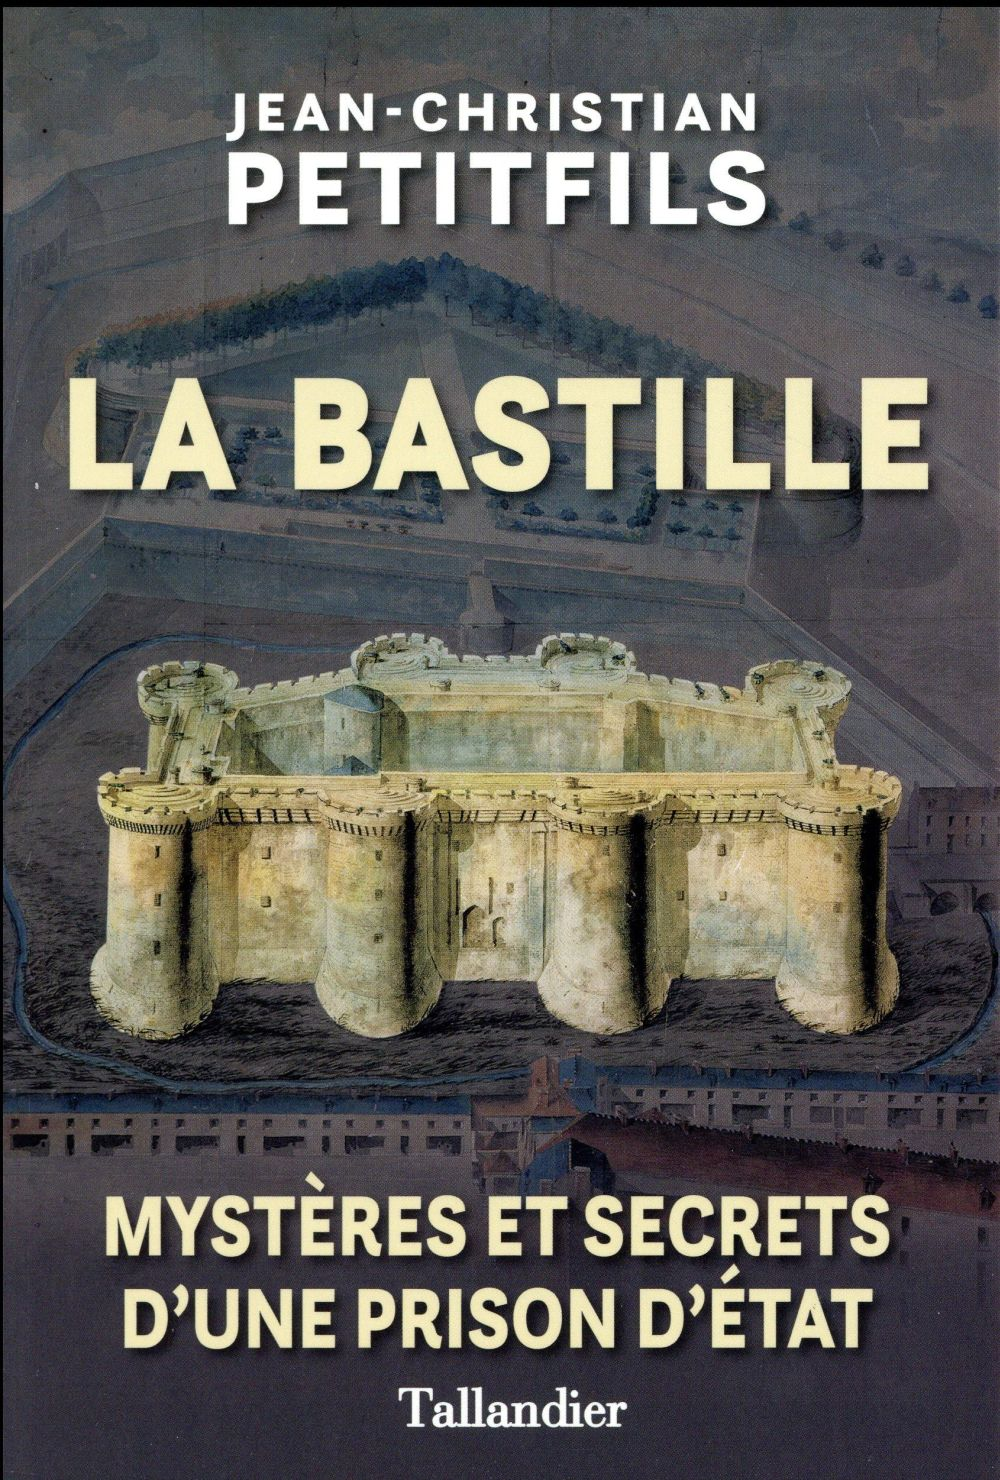 LA BASTILLE - MYSTERES ET SECRETS D'UNE PRISE D'ETAT